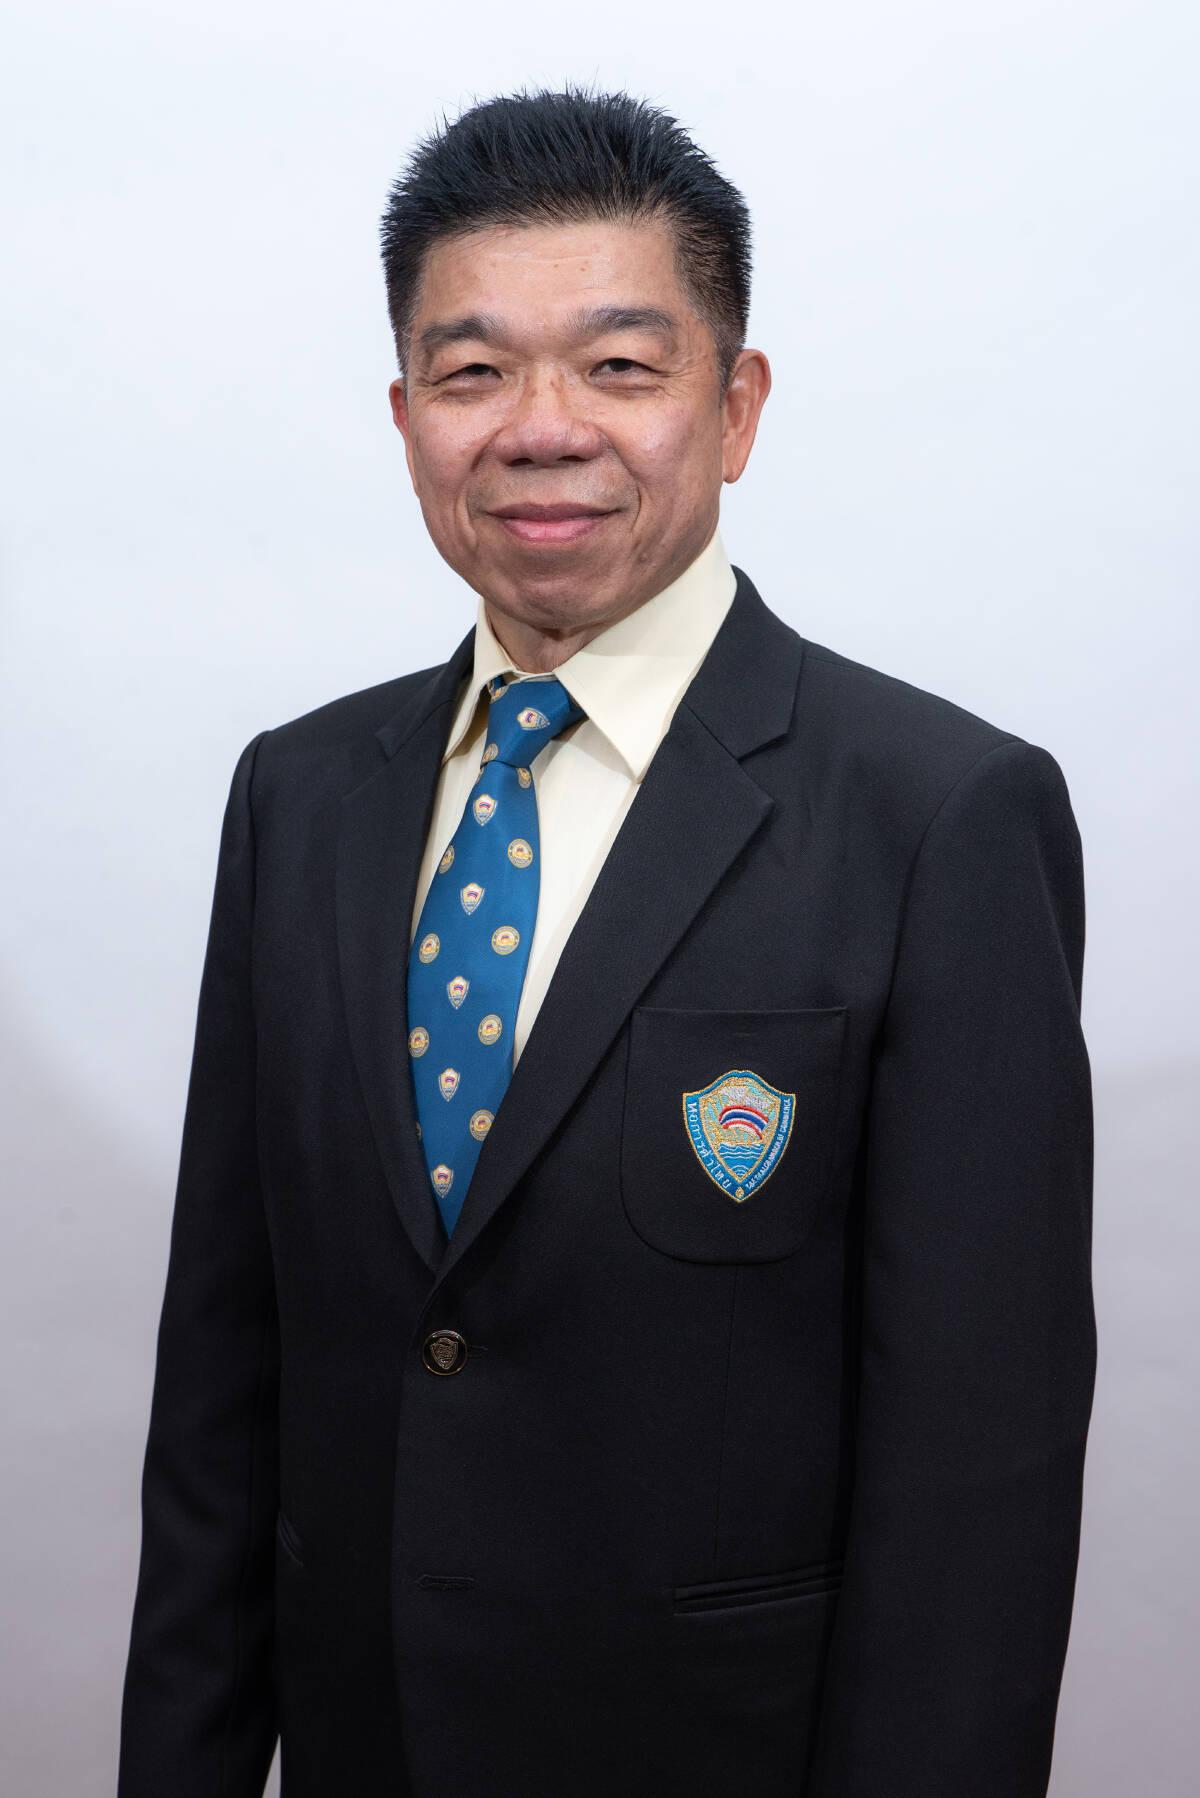 วัฒนา ธนาศักดิ์เจริญ รองประธานกรรมการหอการค้าไทย และประธานคณะกรรมการพัฒนาเศรษฐกิจพื้นที่ภาคใต้